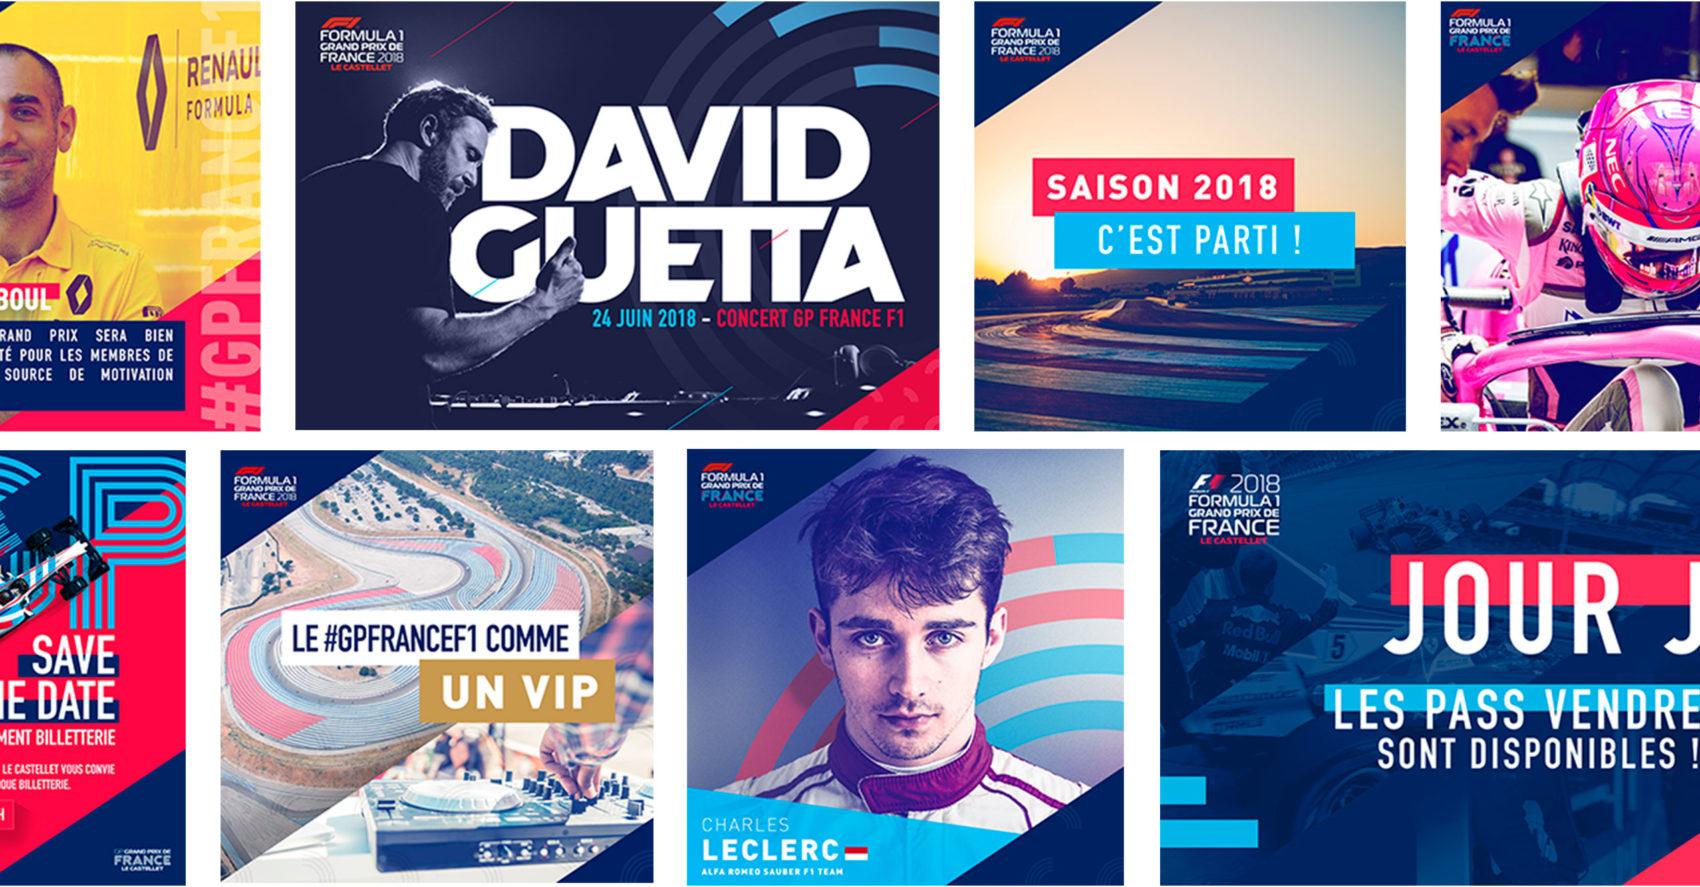 05_GP_2018_GIP_Grand_Prix_de_France_Le_Castellet_F1